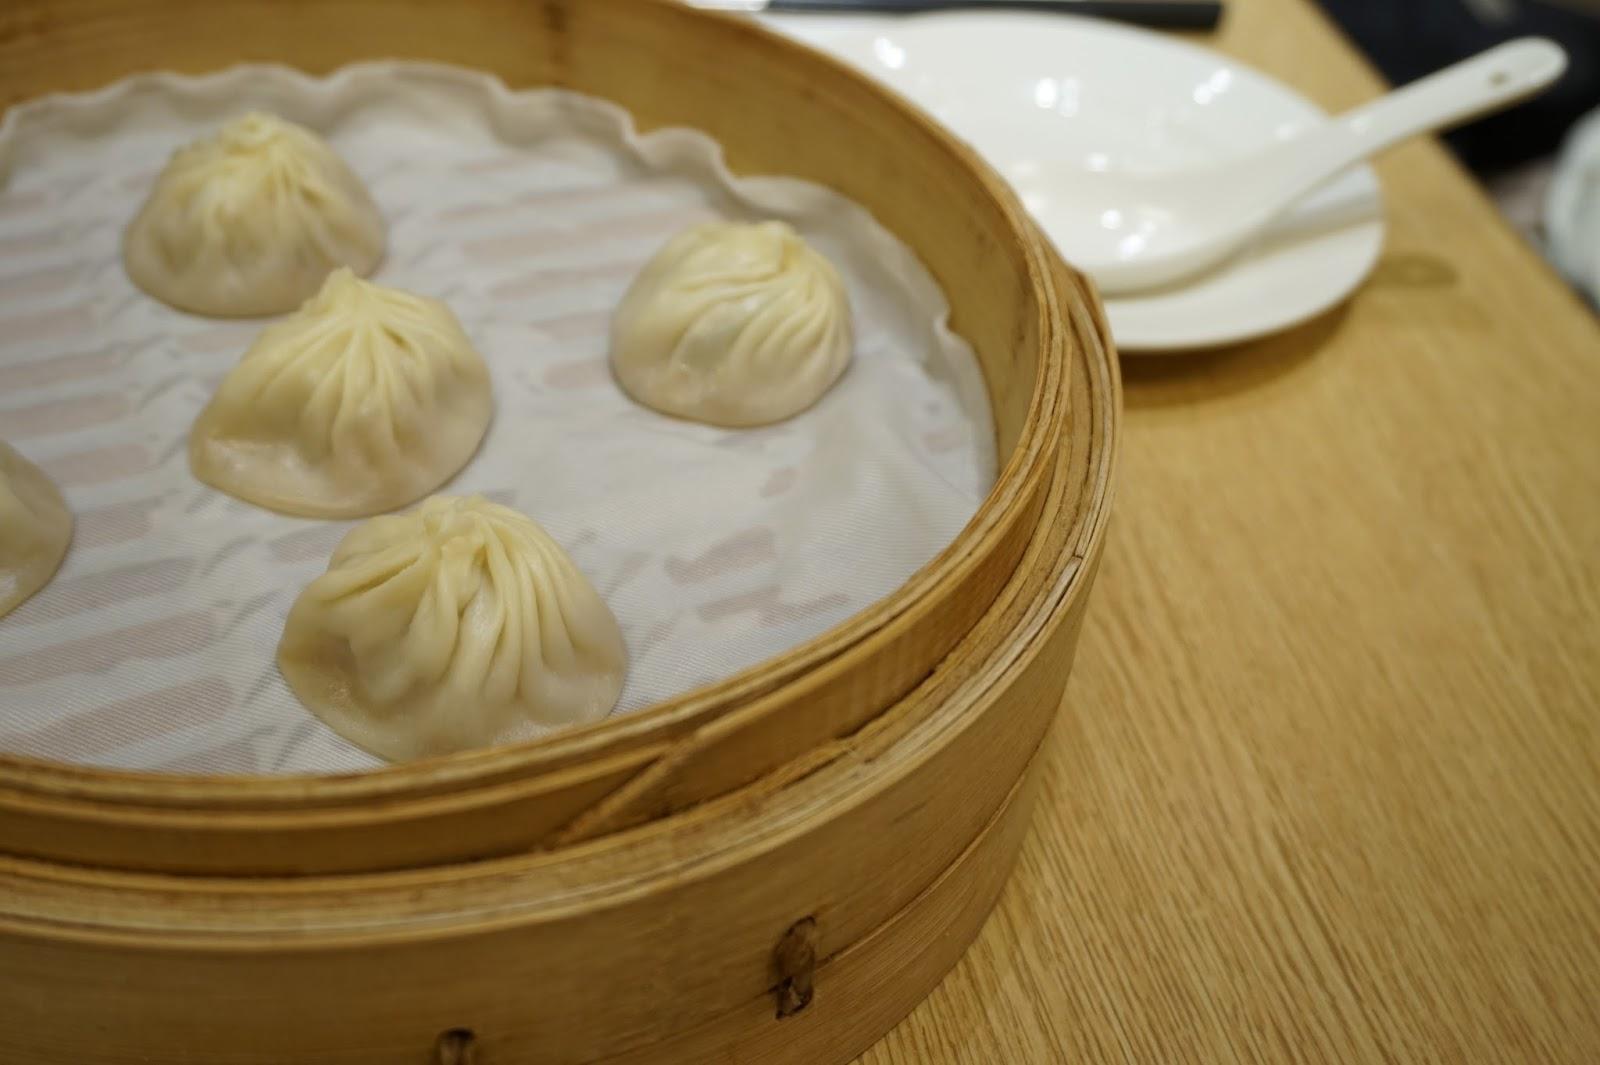 Din Tai Fung restaurant Xinyi Road Taipei Taiwan dumplings xiao long bao pork soup